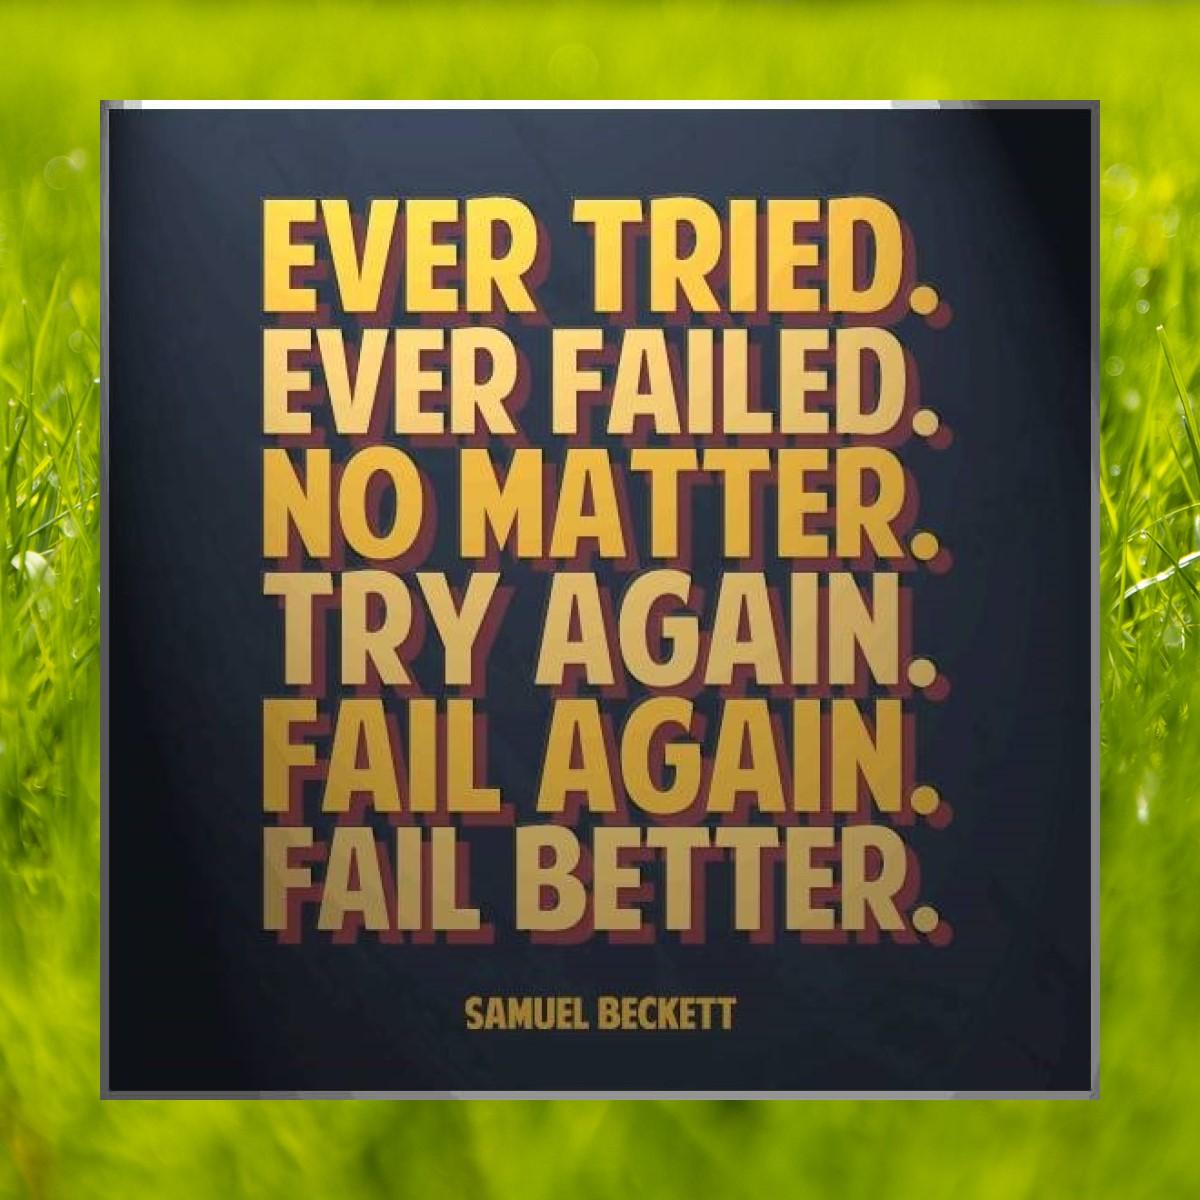 """""""Ever tried. Ever failed. No matter. Try again. Fail again. Fail better."""" – Samuel Beckett [1200×1200]"""